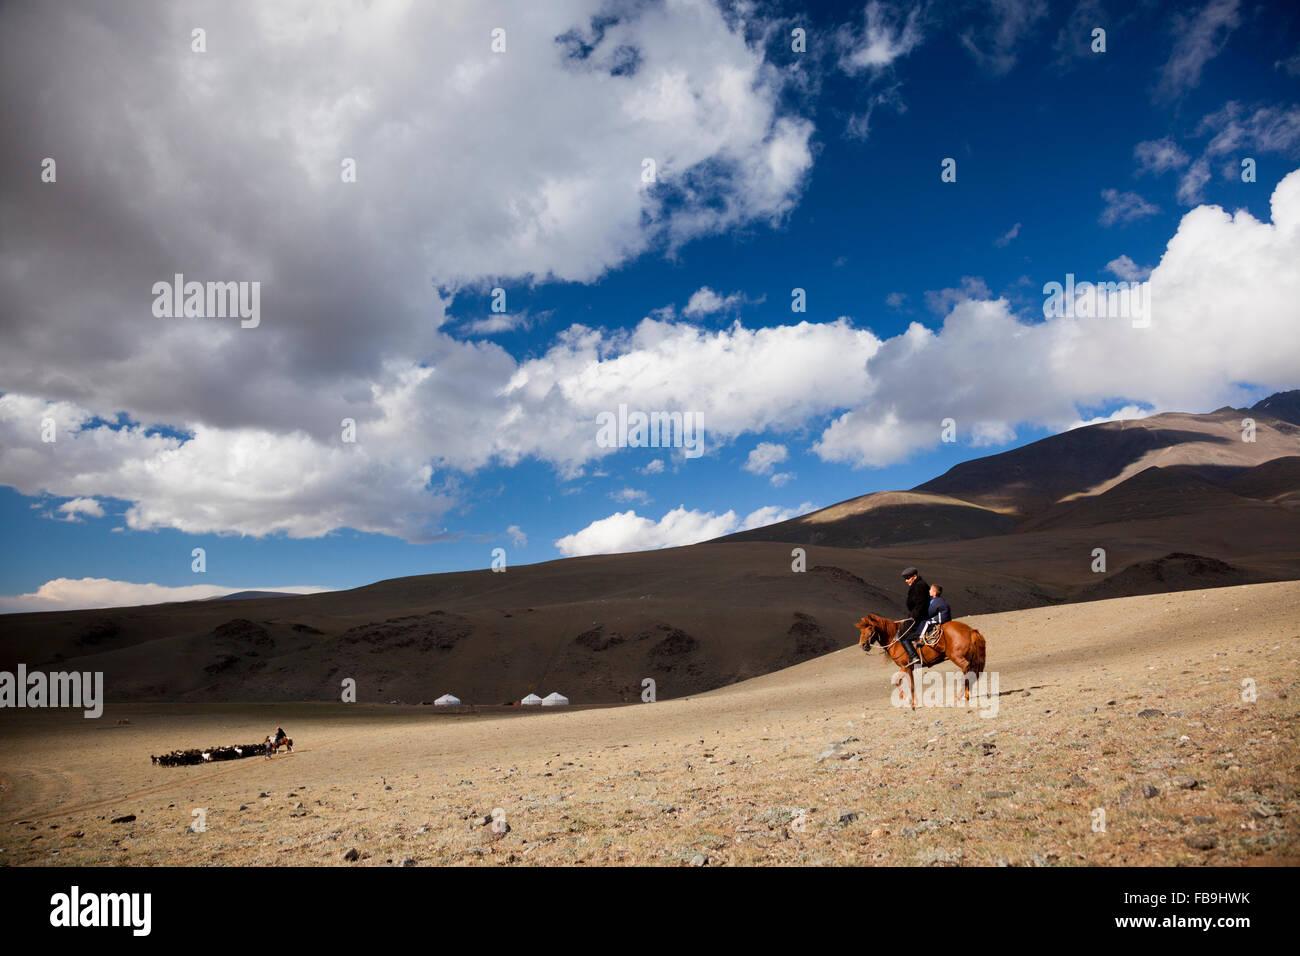 Un berger veille sur ses animaux dans le Tsaast Uul valley, dans l'ouest de la Mongolie. Photo Stock